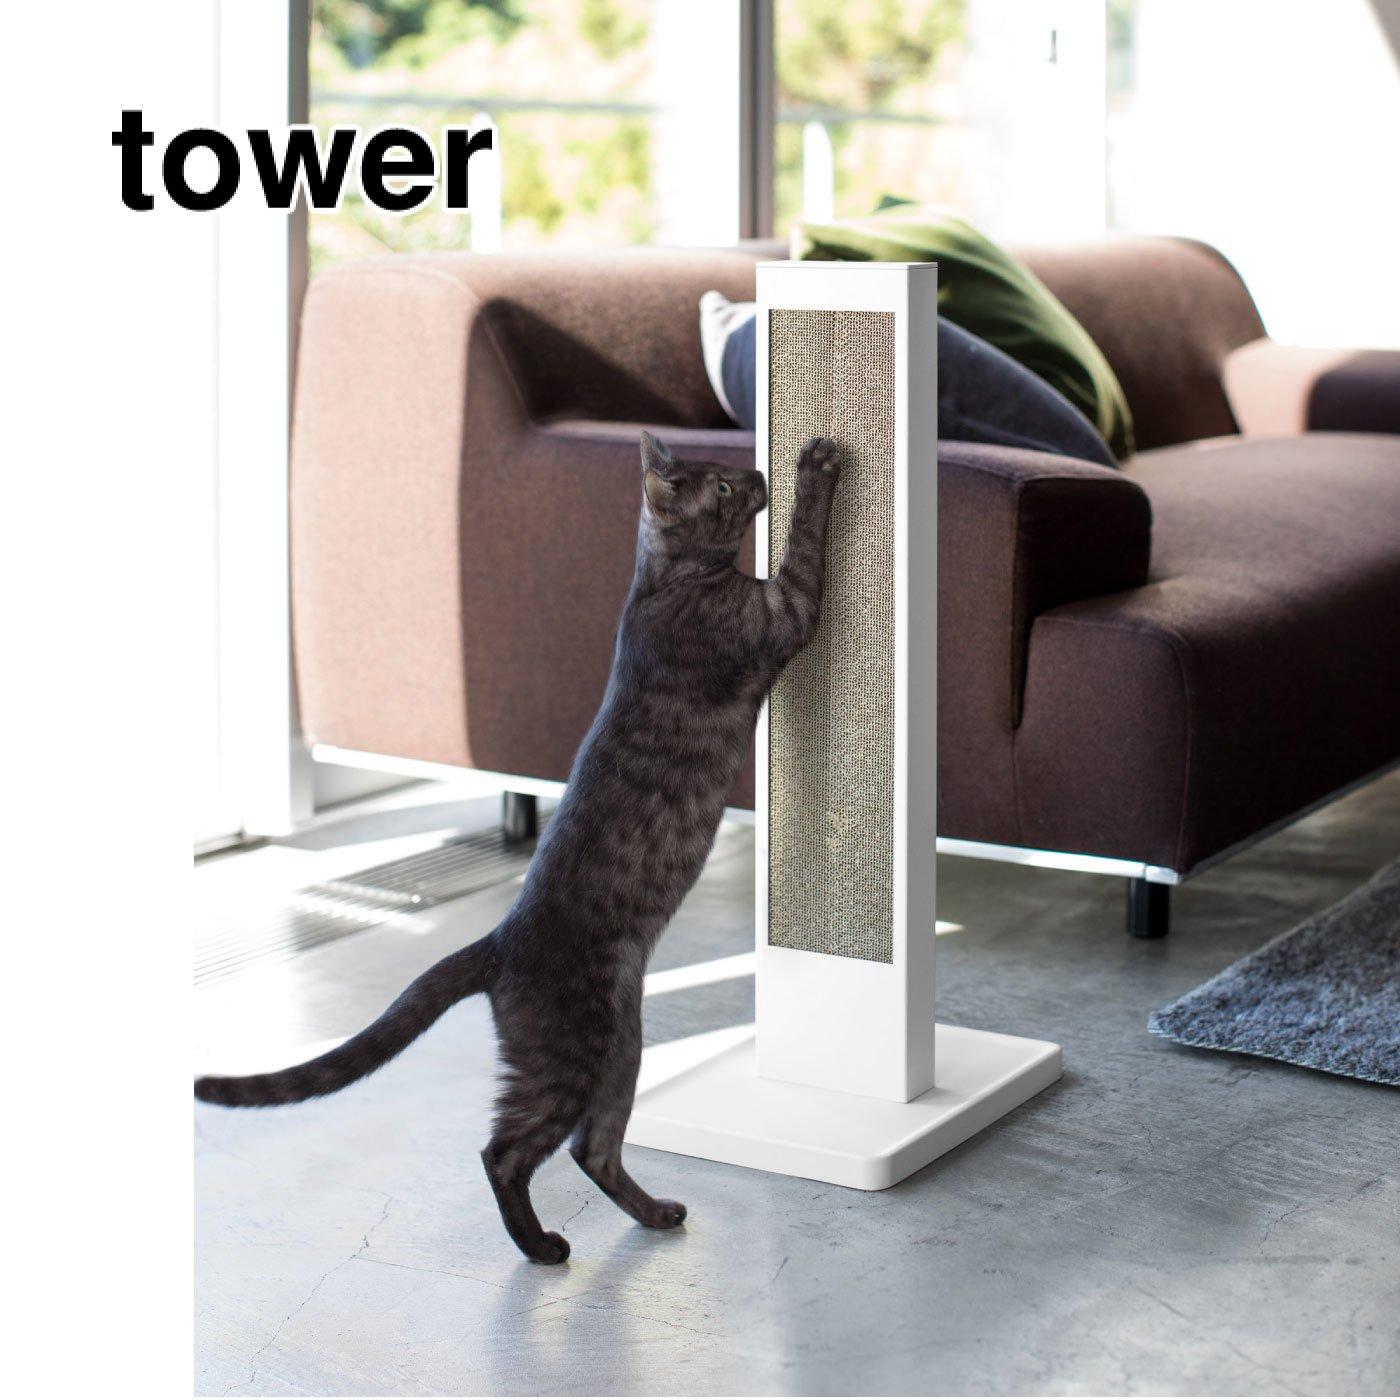 tower ネコの爪とぎスタンドセット